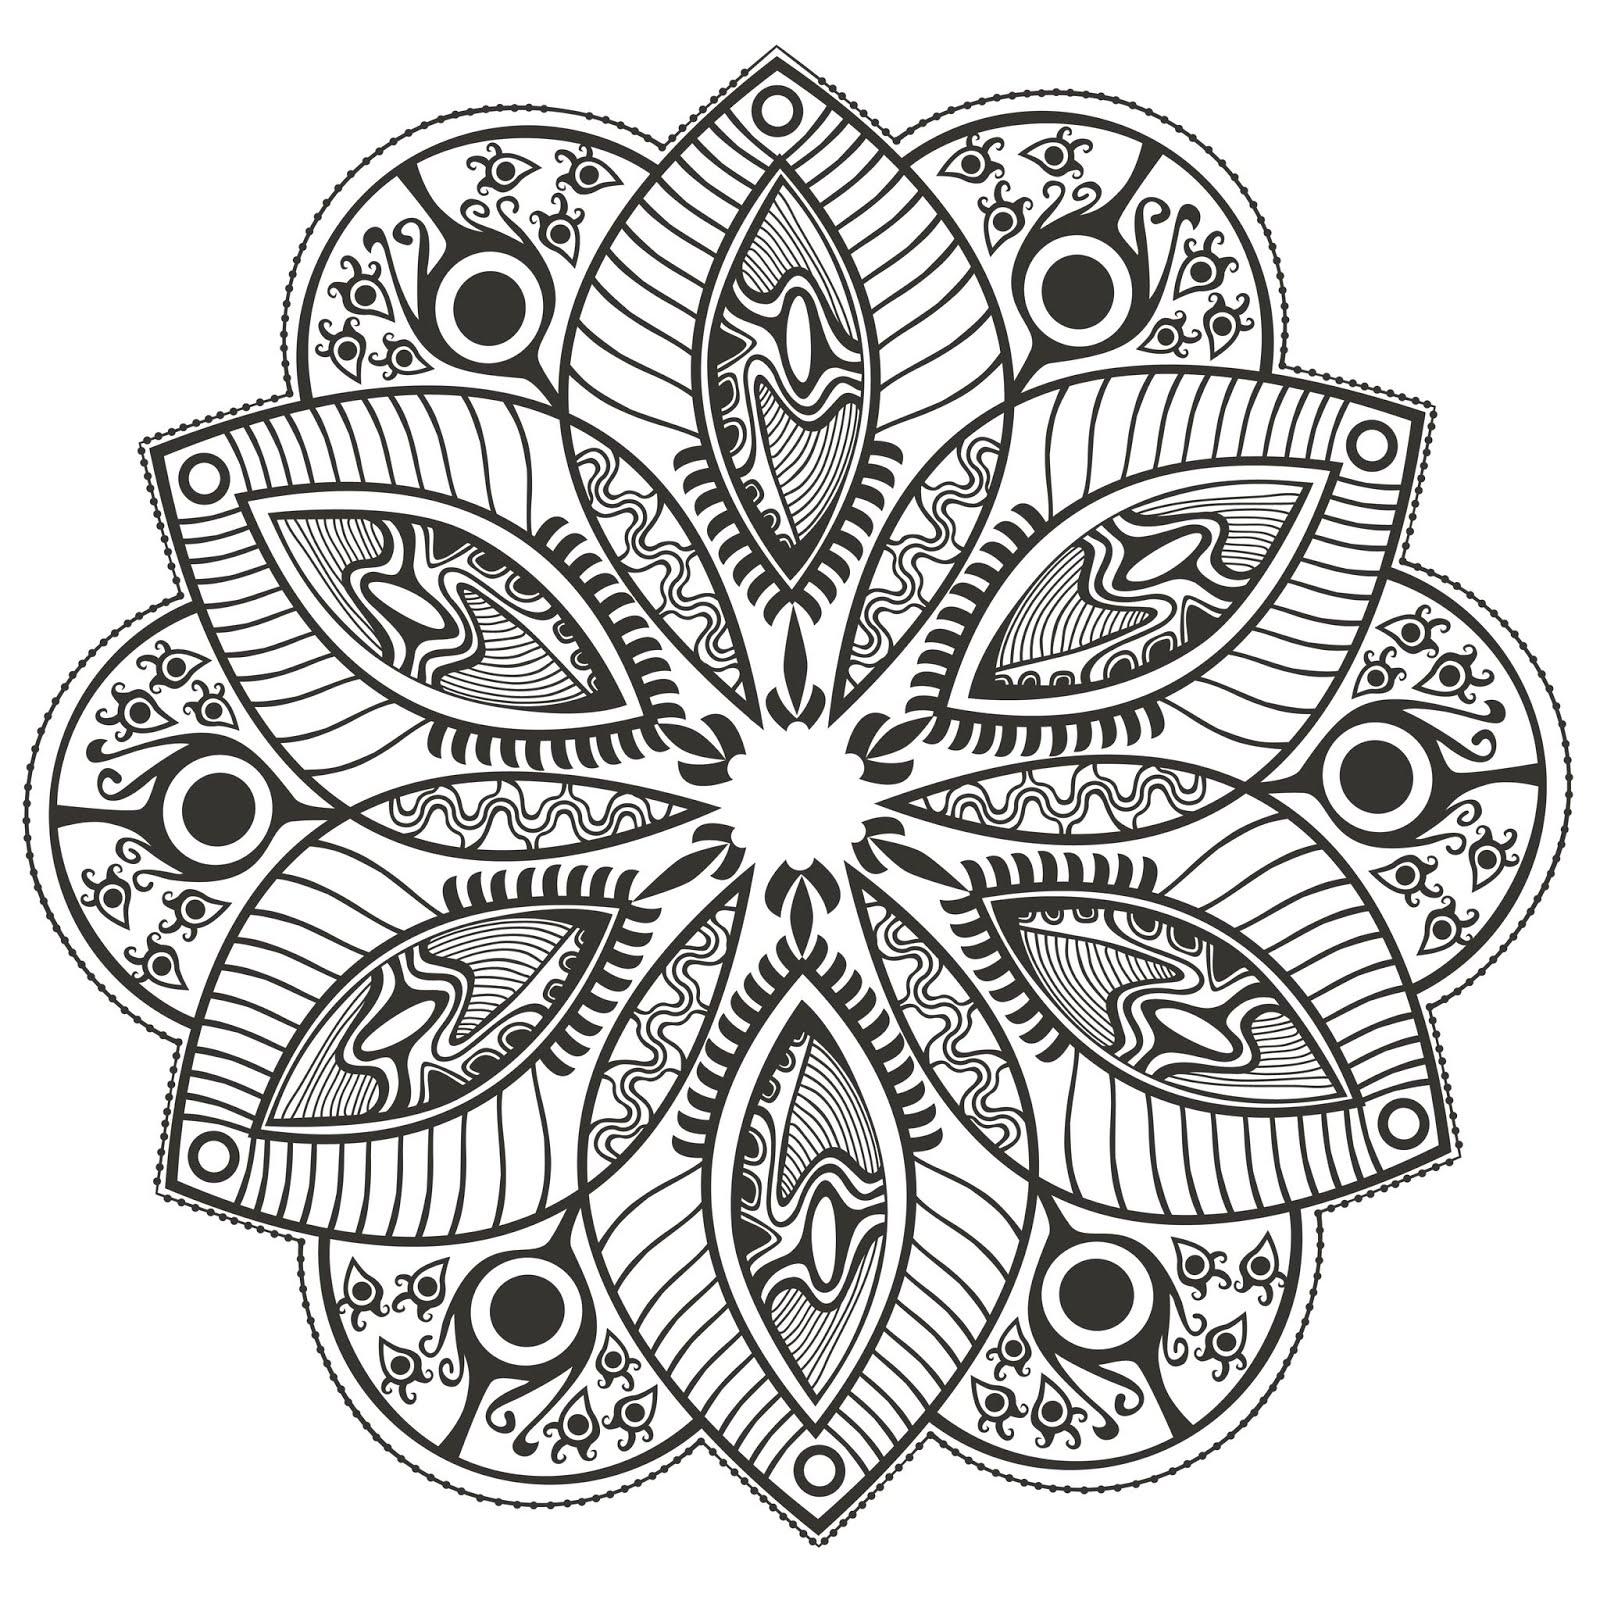 belum nyobain mewarnai pola mandala ini Selama ini saya lebih tertarik ke objek objek yang dekat di kehidupan sehari hari seperti bunga bunga